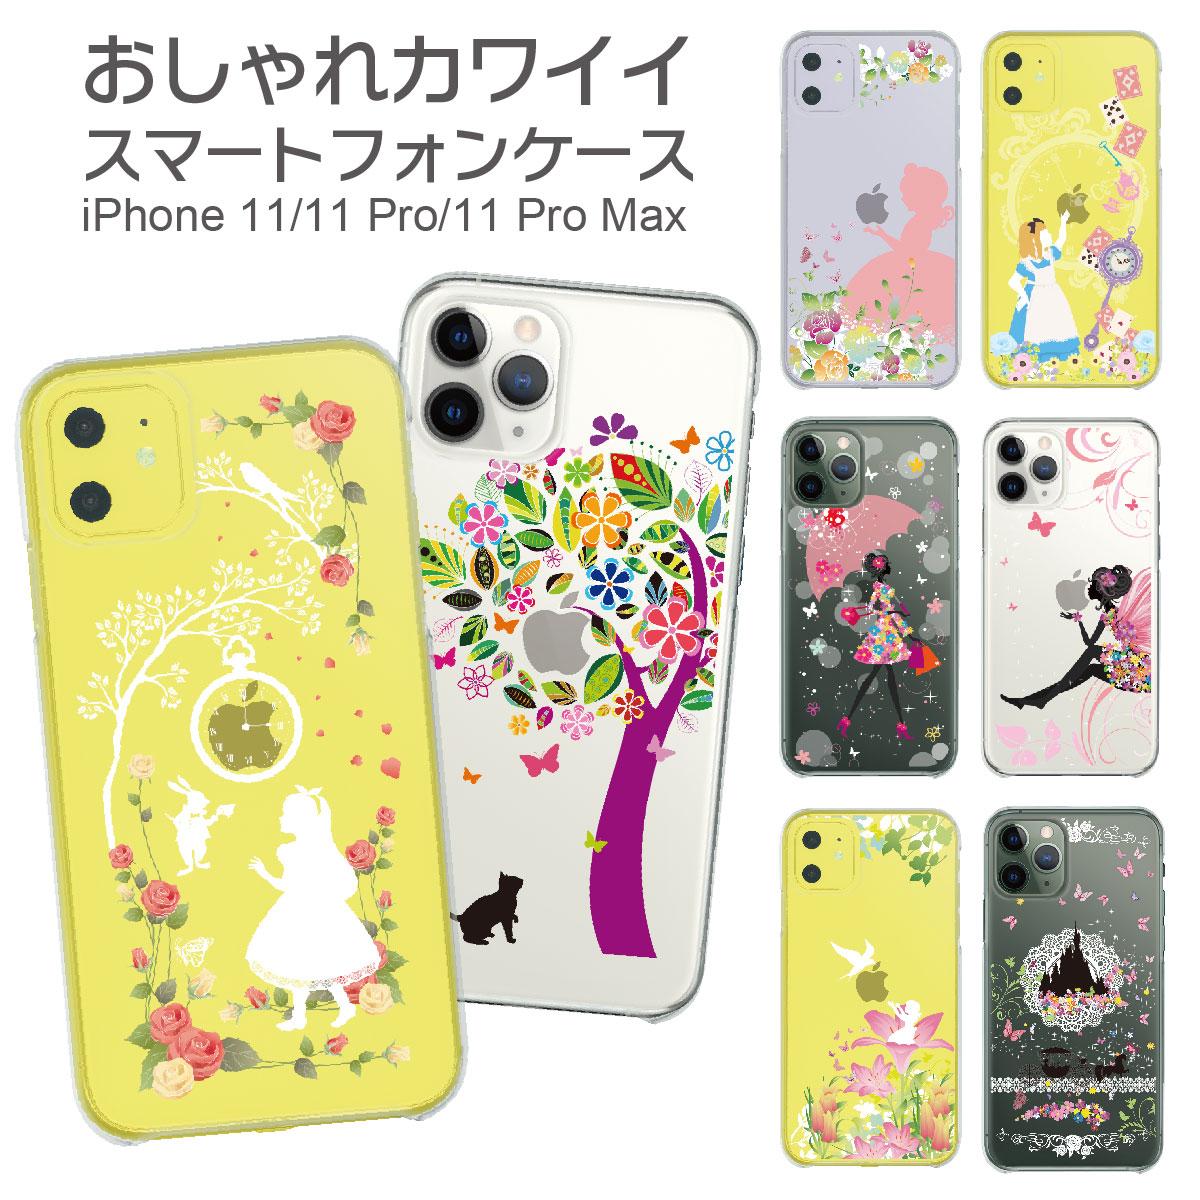 iPhone13 iPhone12 iPhone11 iPhoneXS iPhoneXR iPhoneX iPhone8 iPhone7 iPhone 13 mini Pro Max 08-ip5-ca010 かわいい カバー iphone7 iPhoneSE アリス iPhone6s 限定特価 全品最安値に挑戦 グリム童話 ハードケース 白雪姫 Plus スマホケース ケース